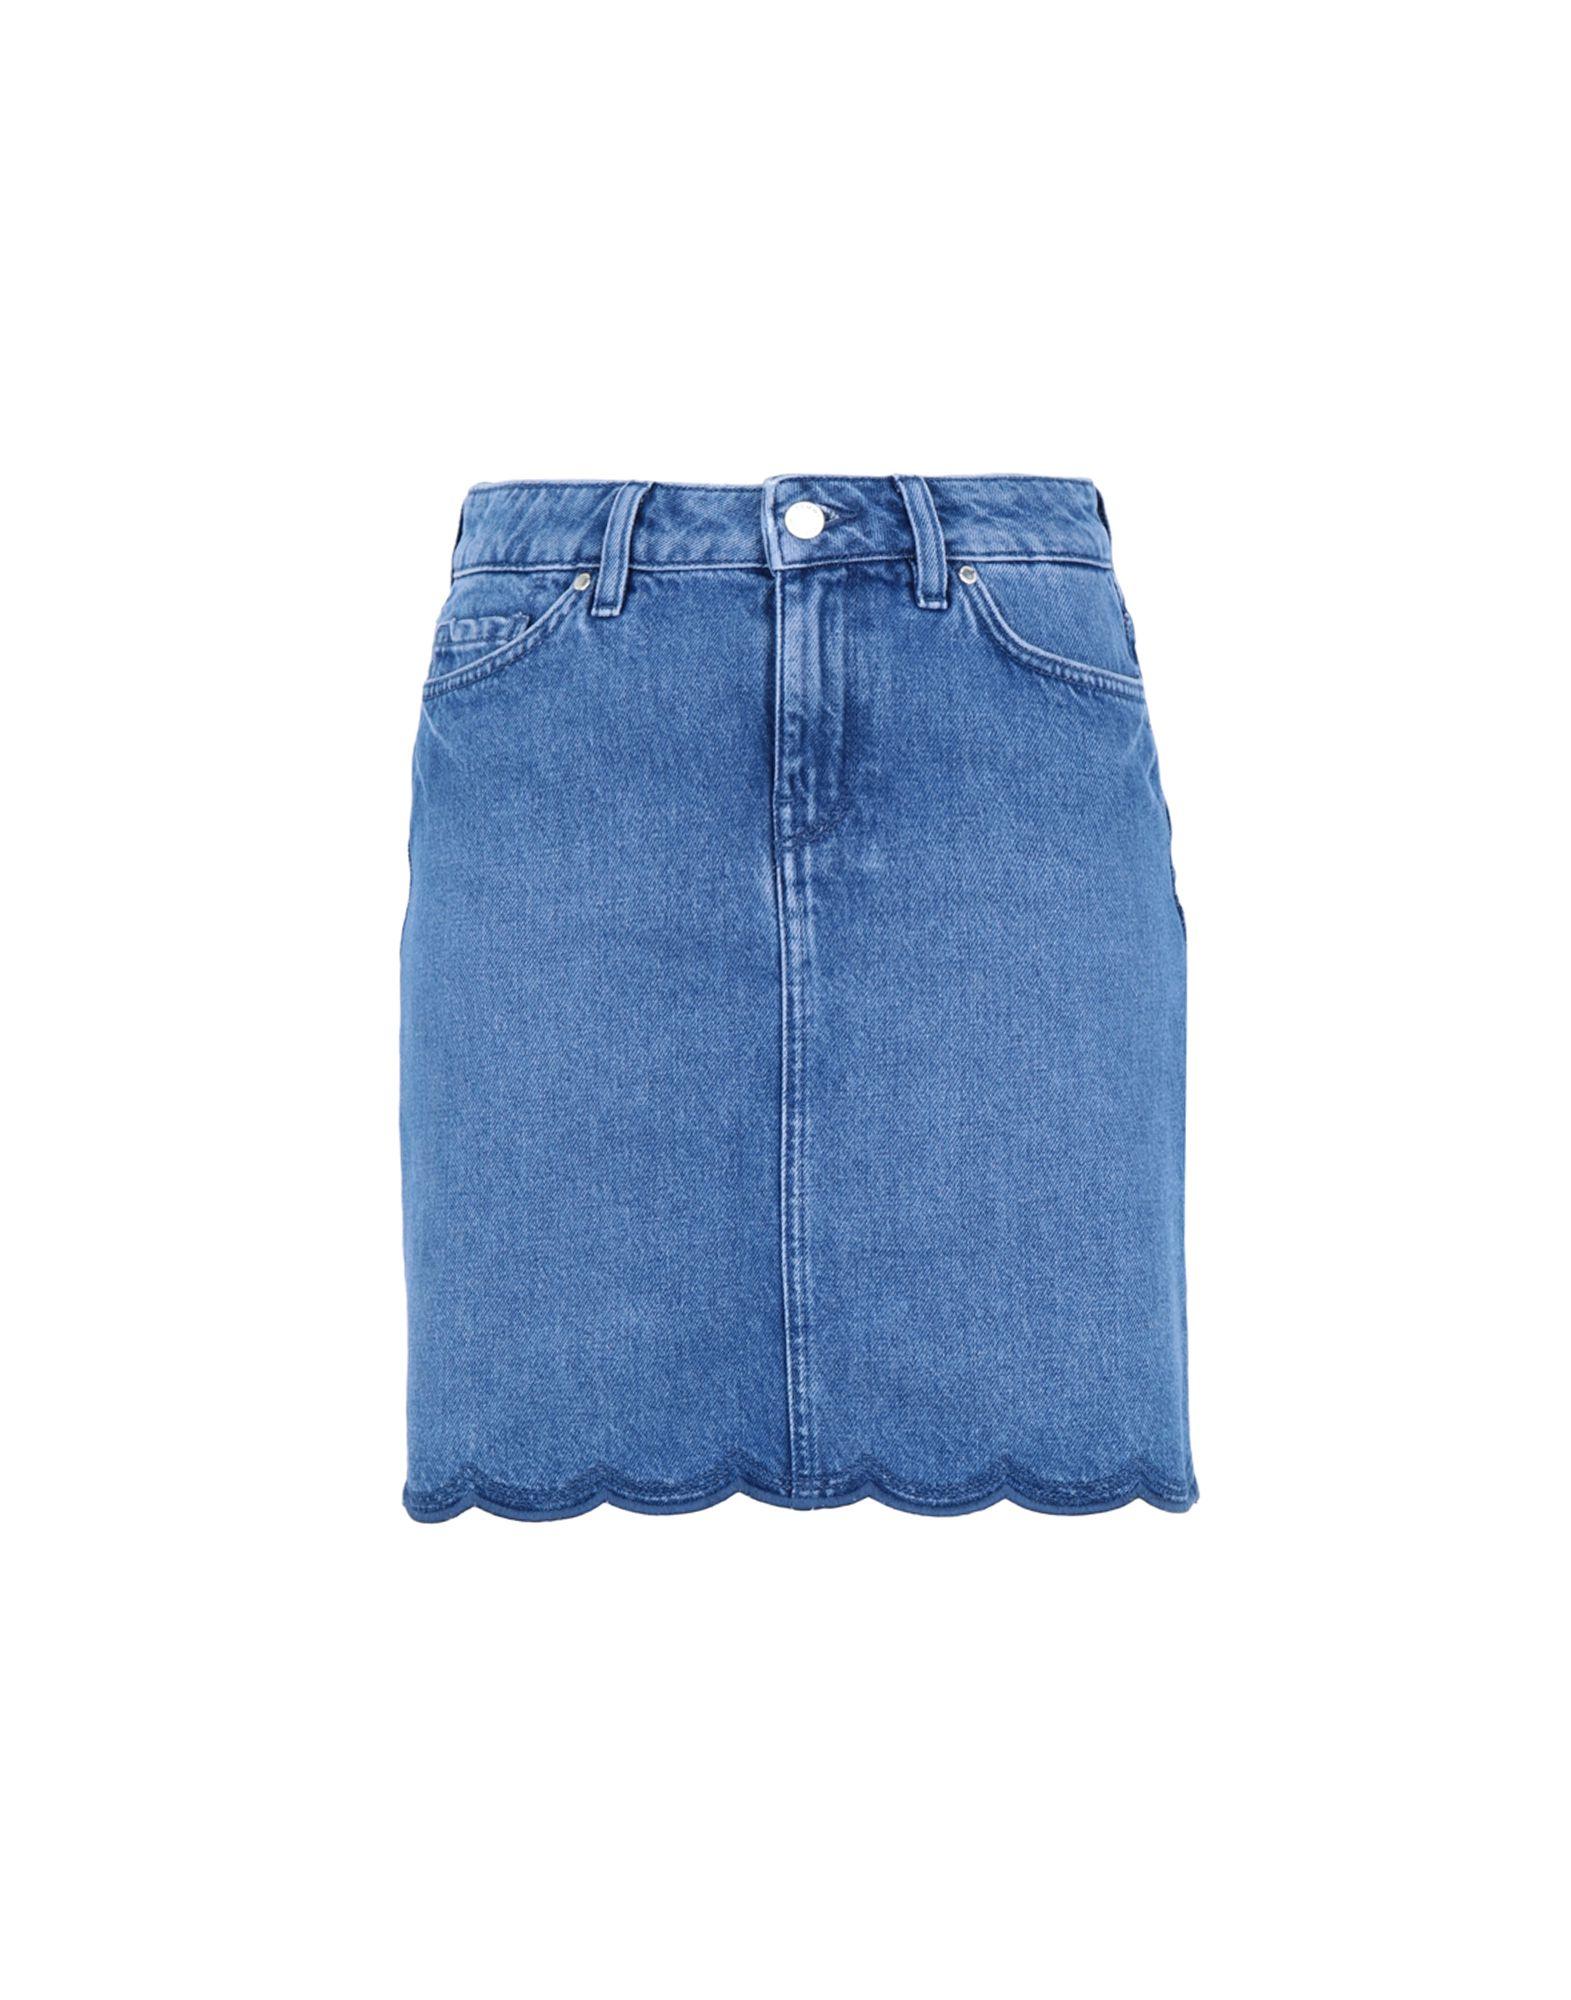 TOMMY HILFIGER Джинсовая юбка tommy hilfiger джинсовая юбка